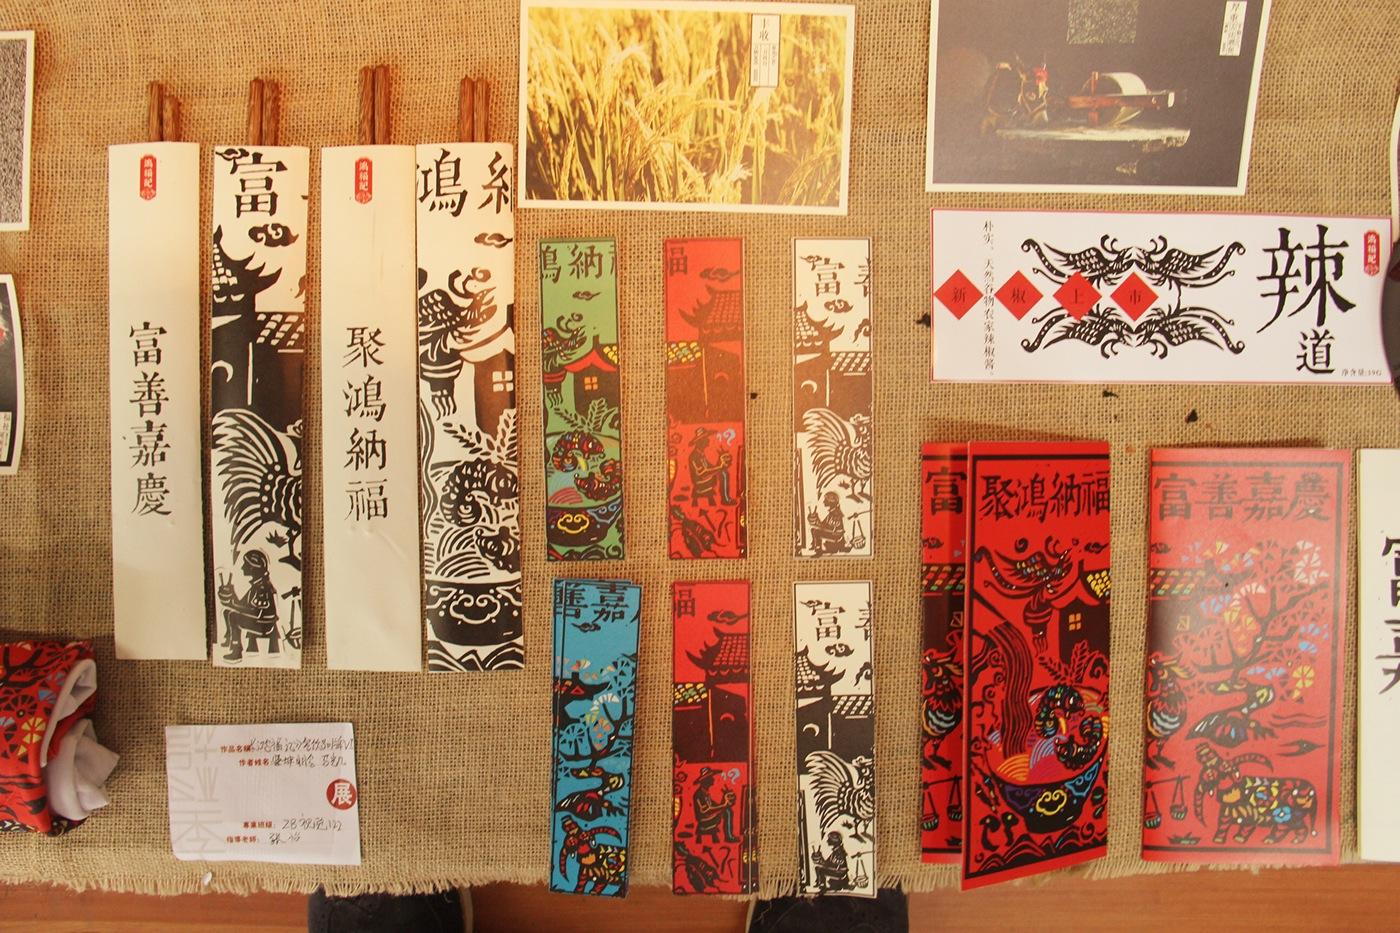 chai-kunpeng-hongfuji-branding-hisheji (4)